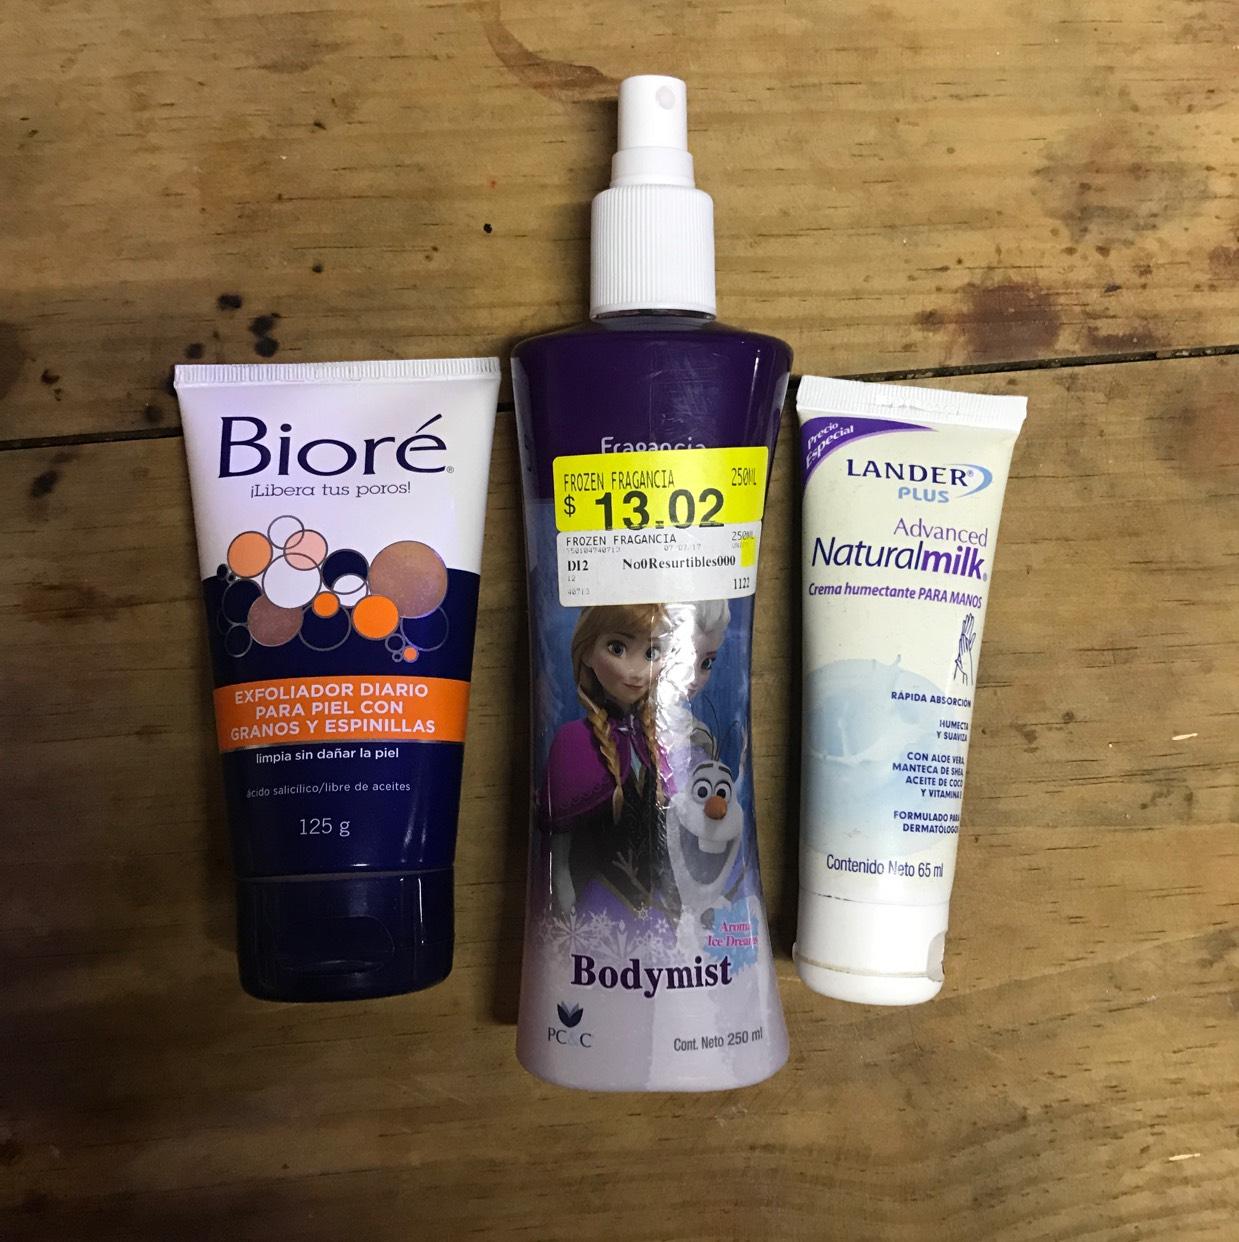 Bodega Aurrerá: Exfoliante Bioré, fragancia corporal y crema para manos. También un saco para box (ticket extraviado).